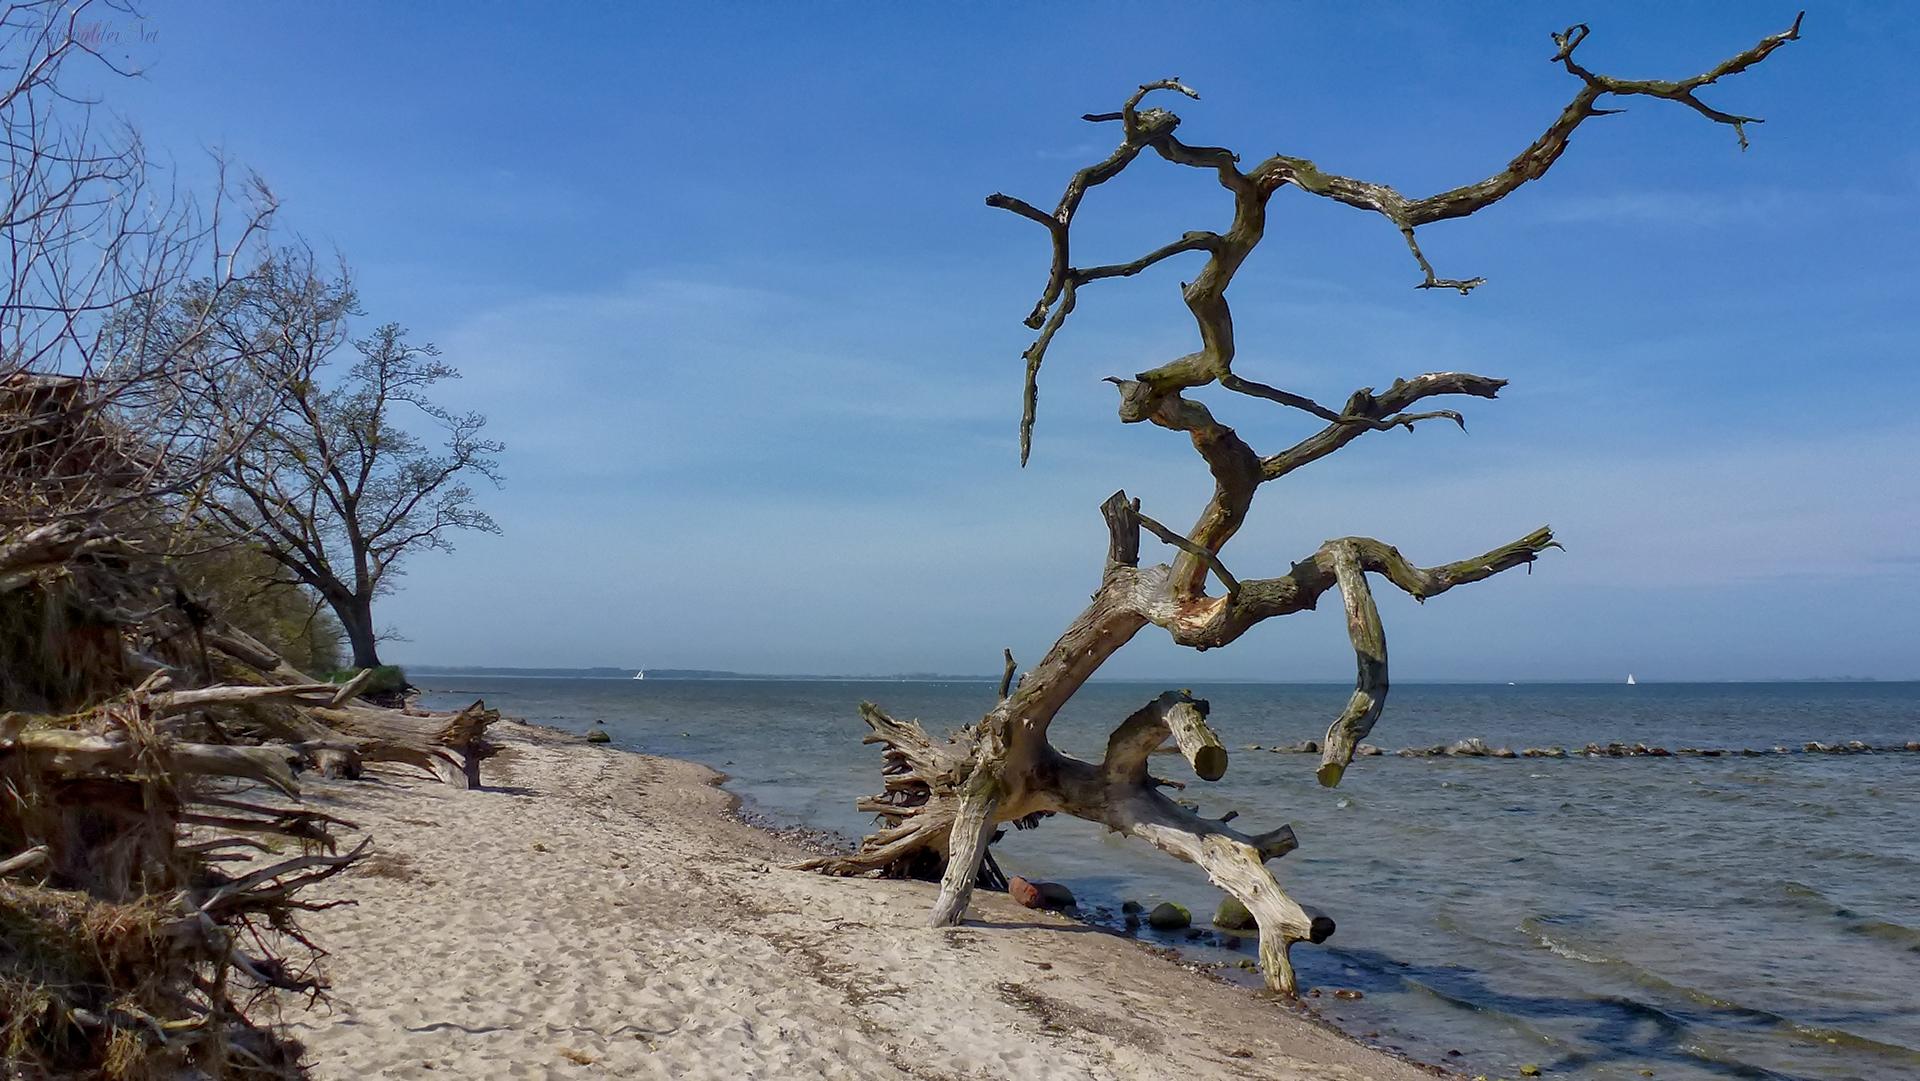 Am Greifswalder Bodden - schlafende Bäume am Strand bei Loissin